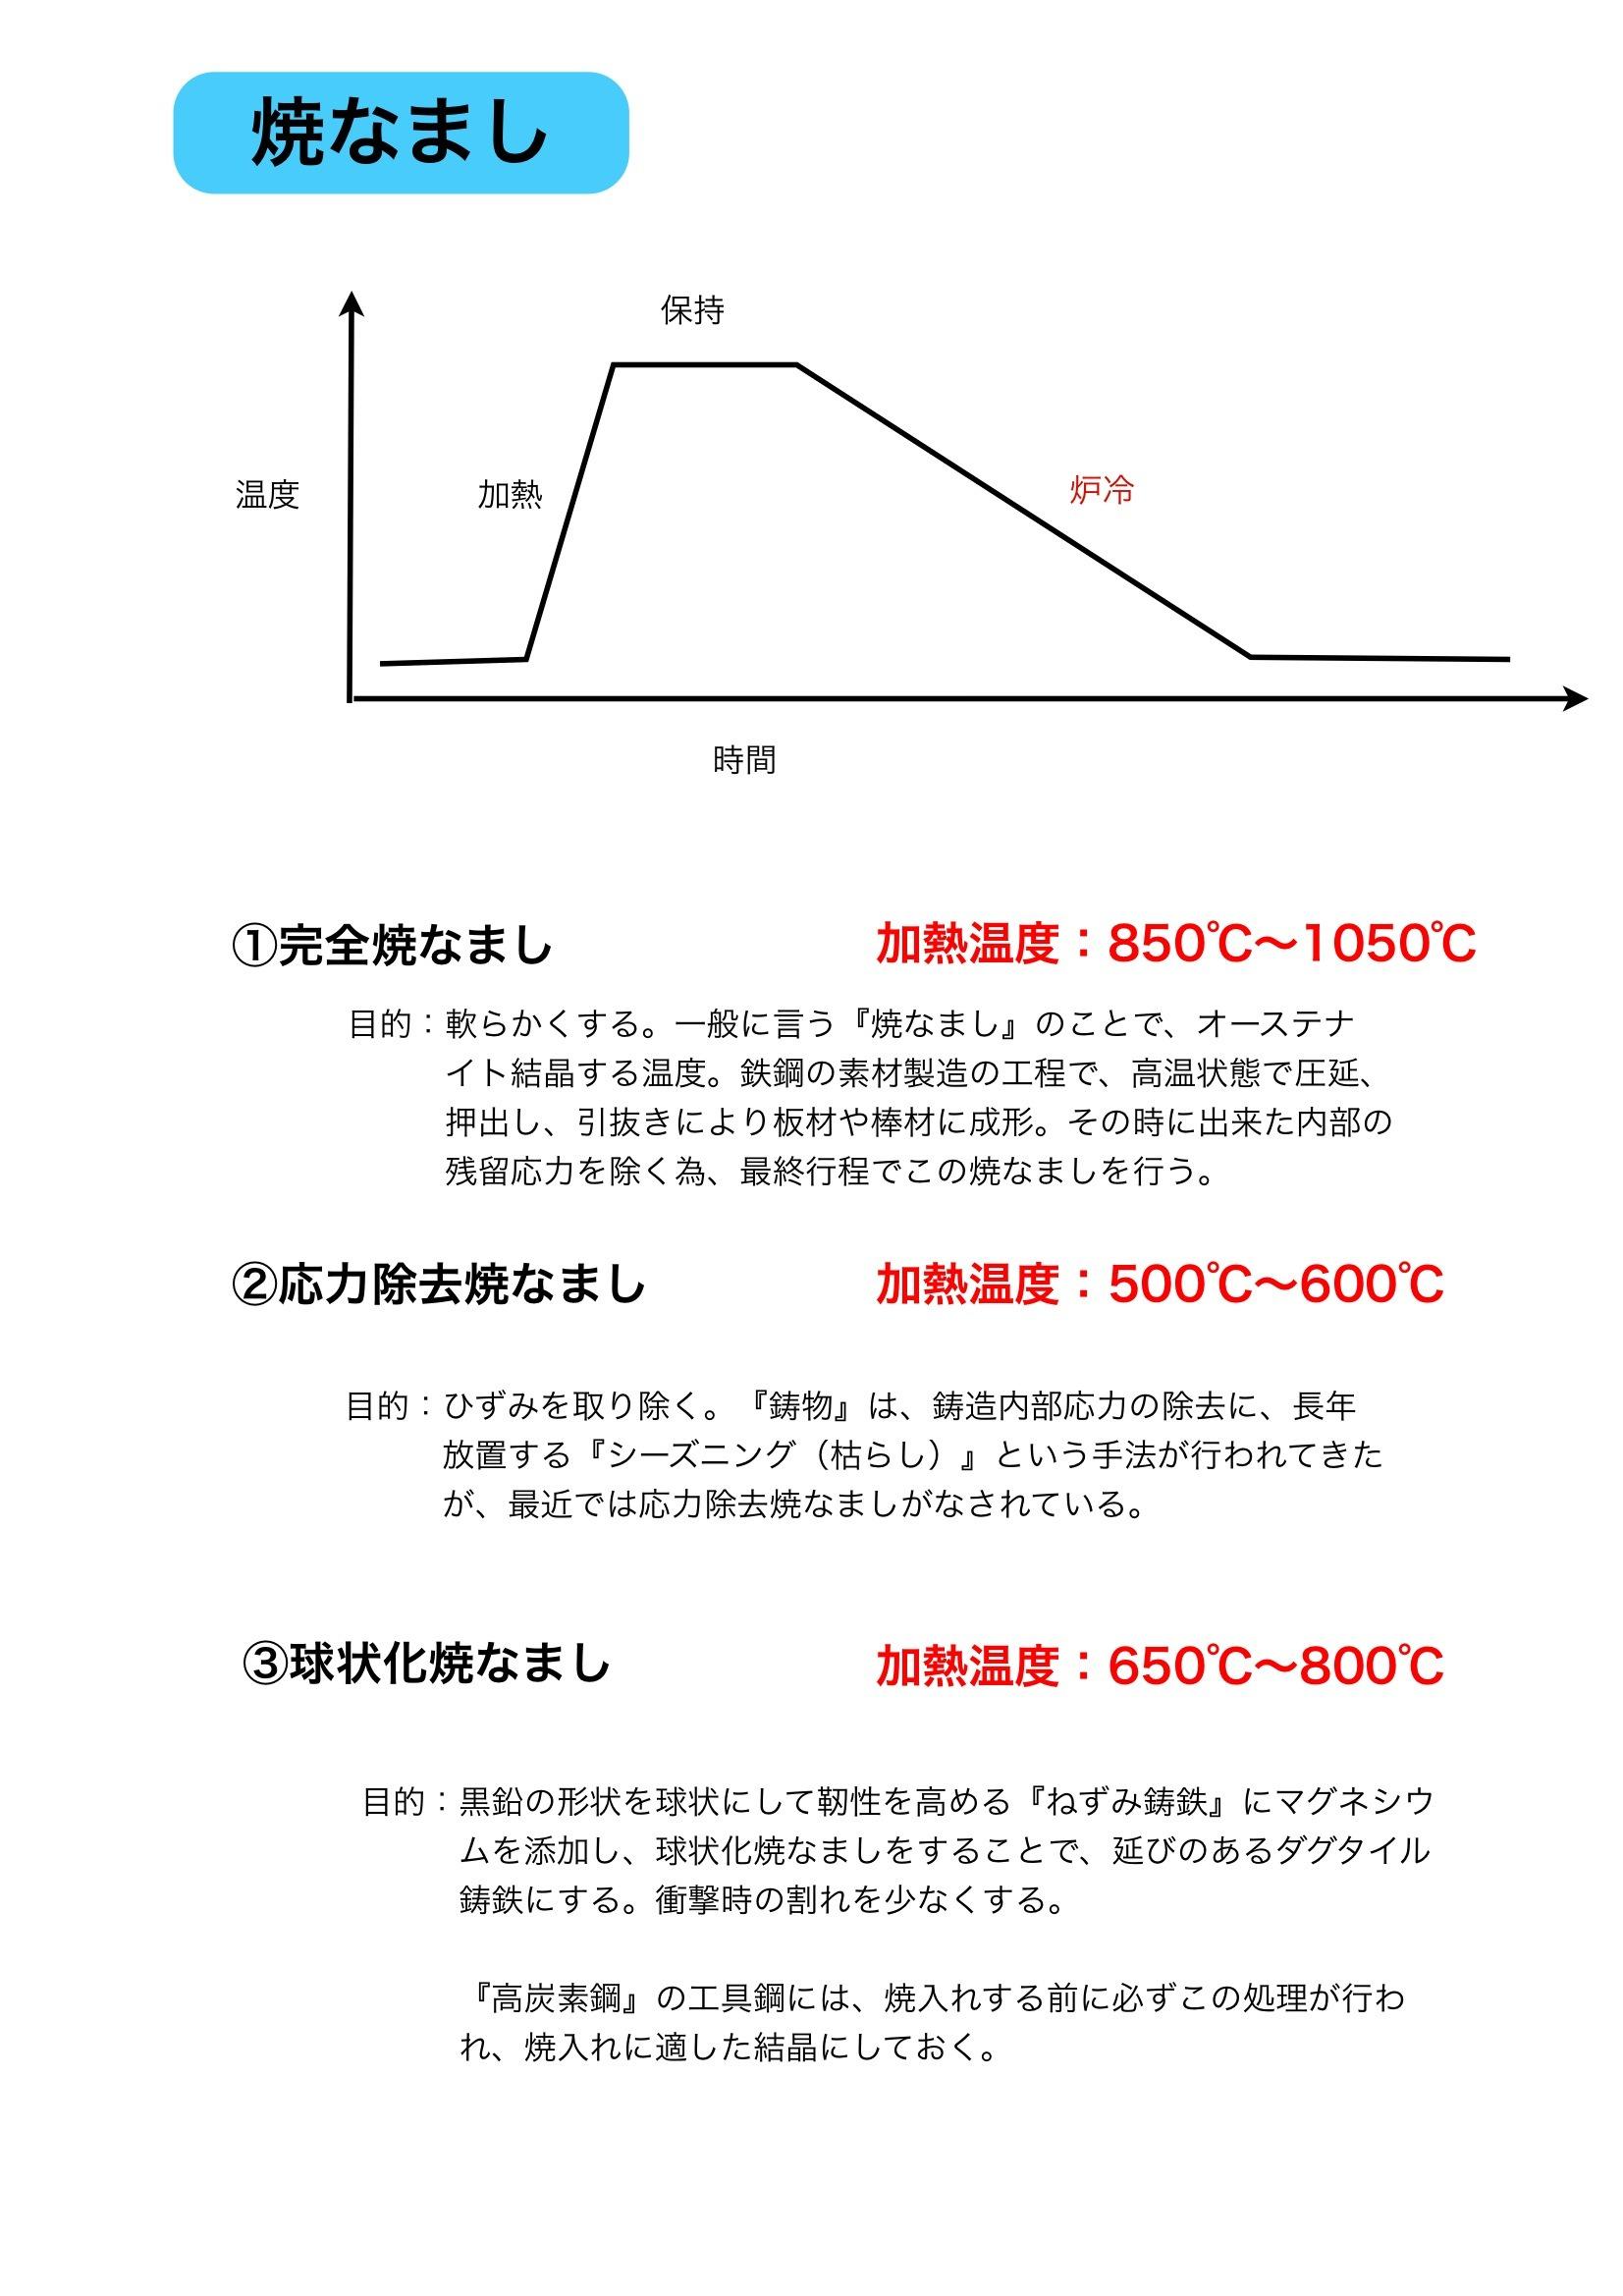 【鉄】熱処理の概要_e0159646_5524758.jpg